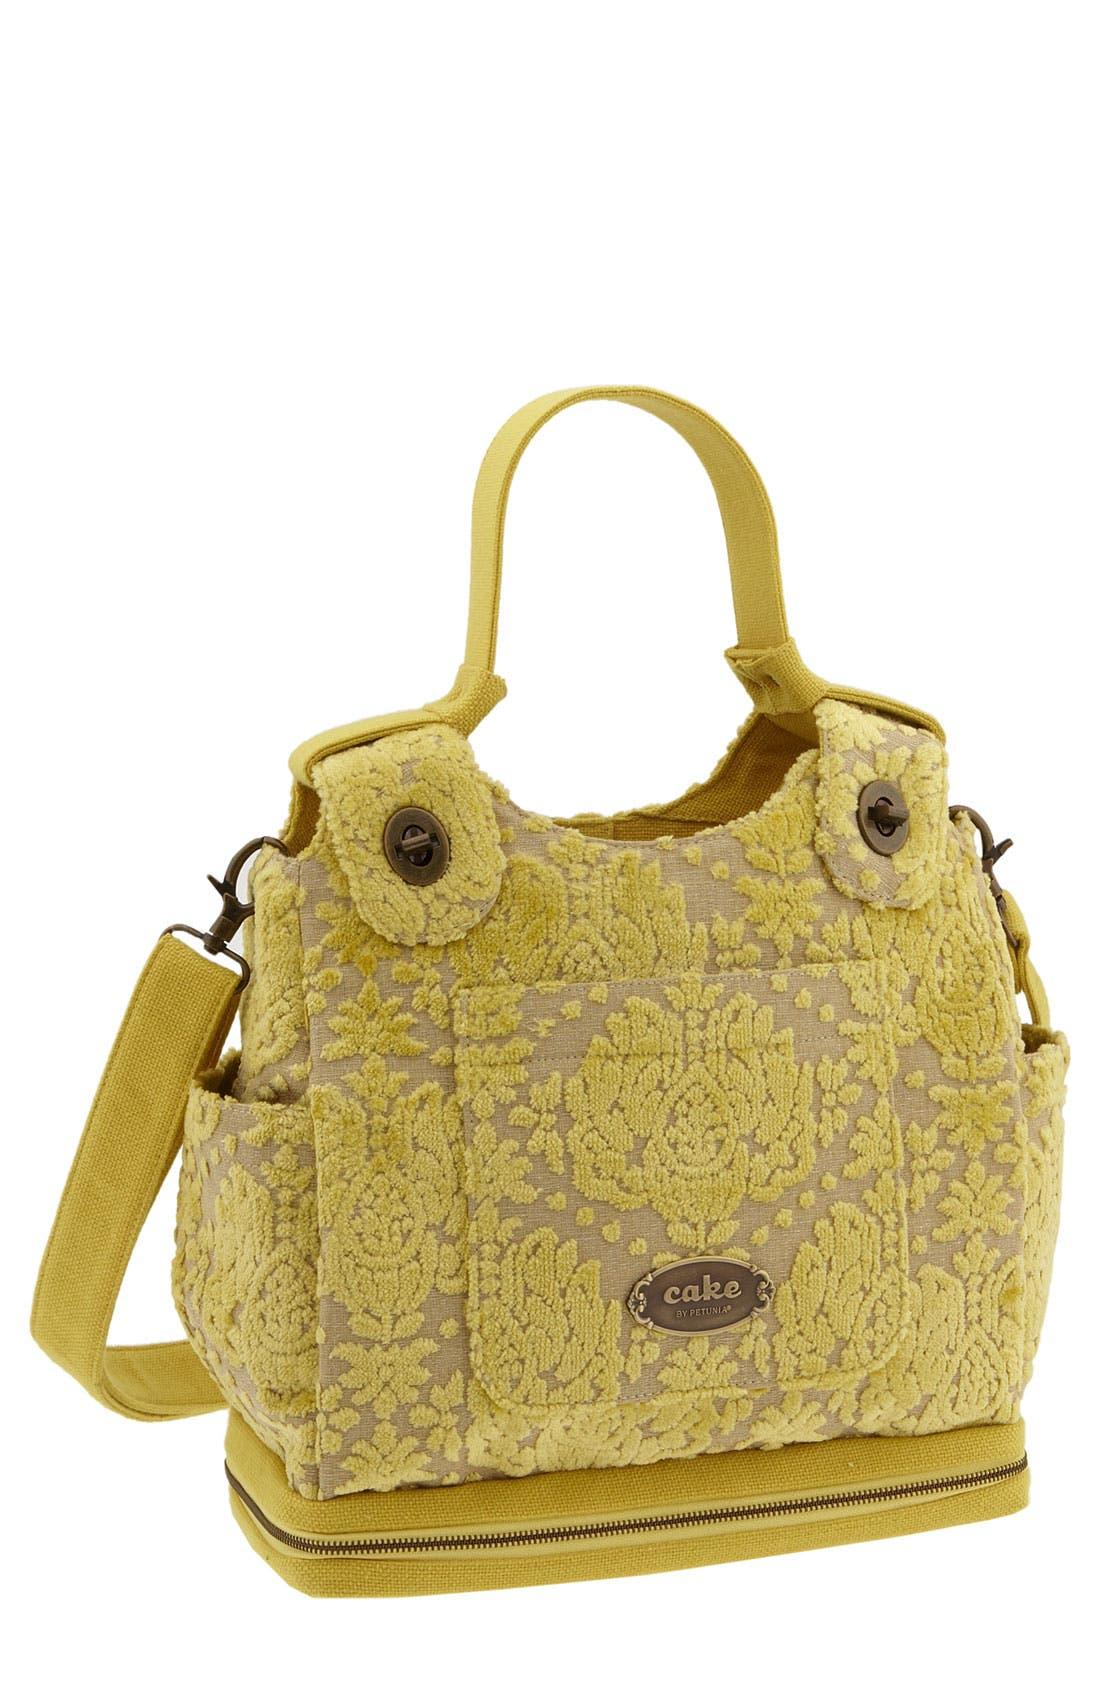 Main Image - Petunia Pickle Bottom 'Cake Society' Convertible Baby Bag